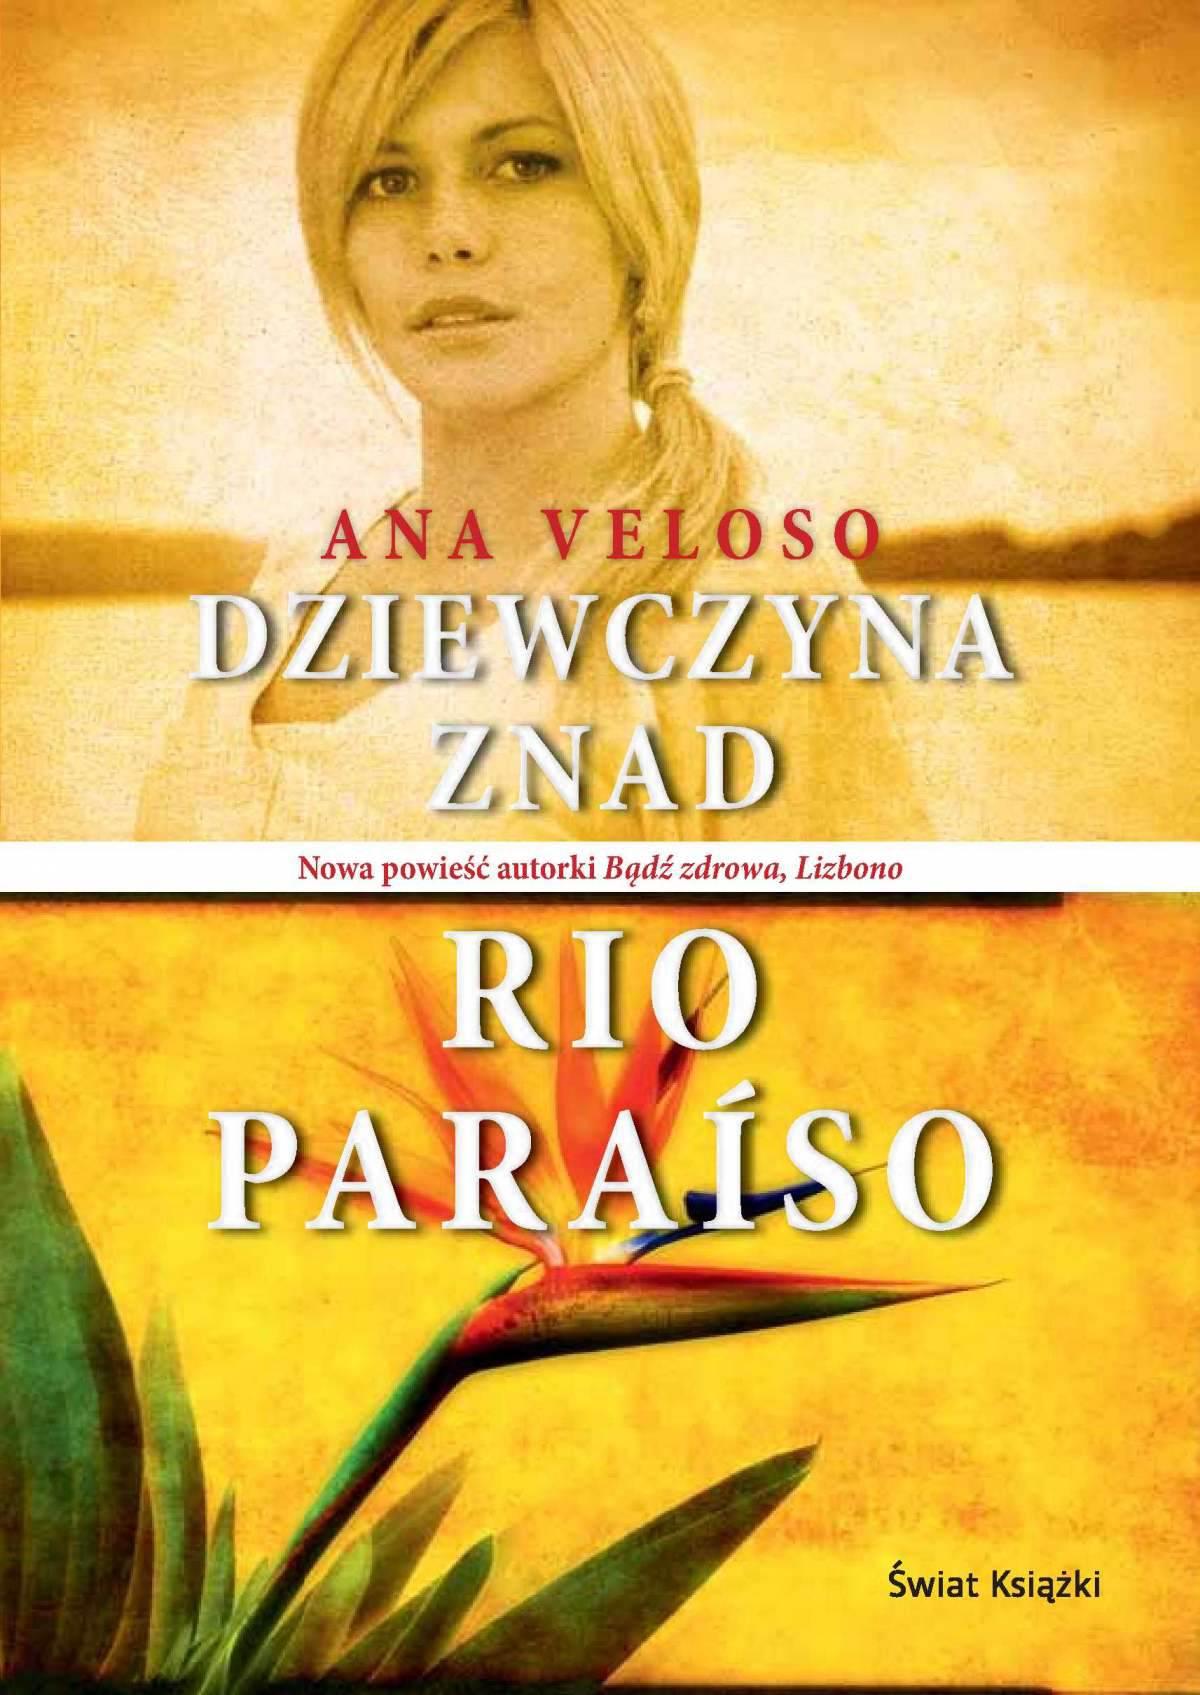 Dziewczyna znad Rio Paraiso - Ebook (Książka EPUB) do pobrania w formacie EPUB